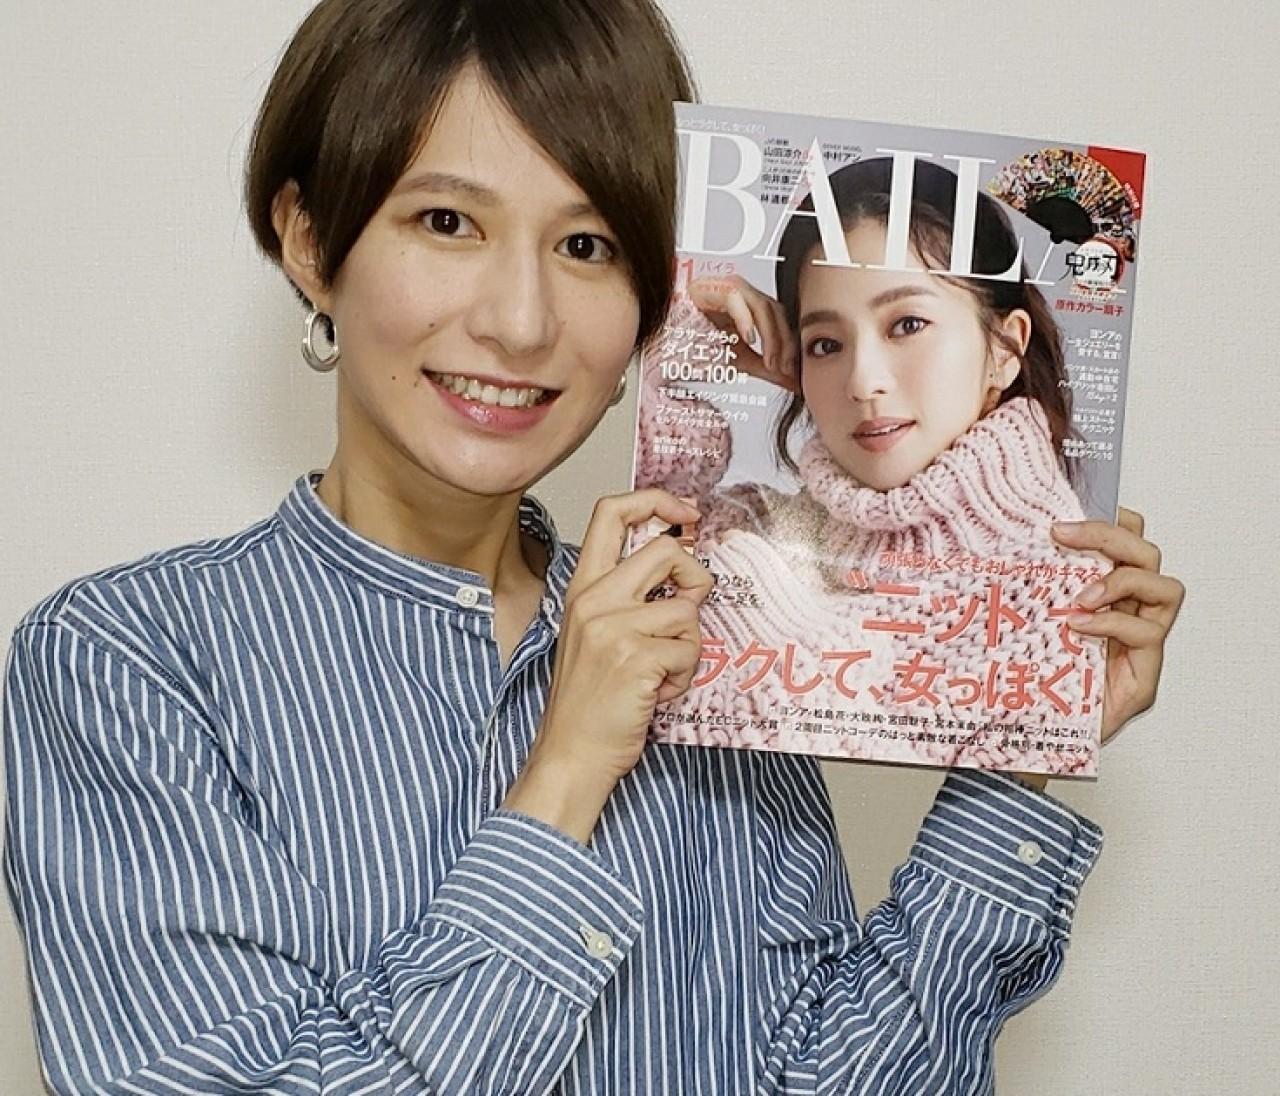 【新スーパーバイラーズ】初めまして!佐々木茉澄です!